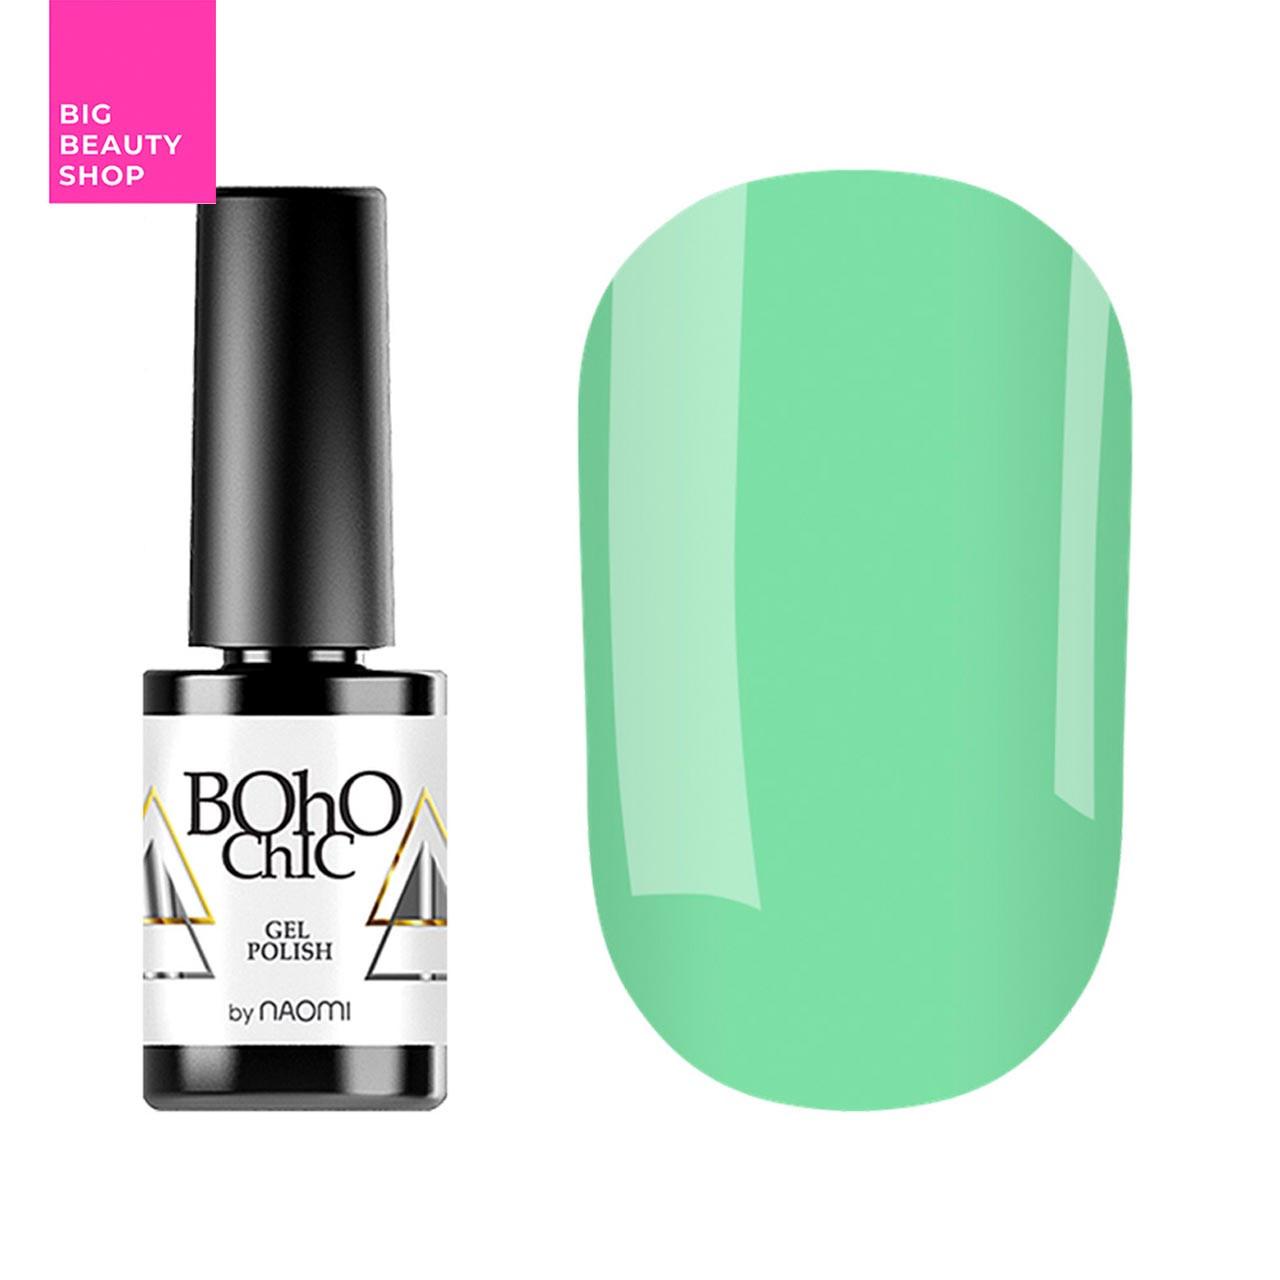 Гель-лак для ногтей Naomi Boho Chic №BC006 Плотный дымчато-зеленый (эмаль) 6 мл